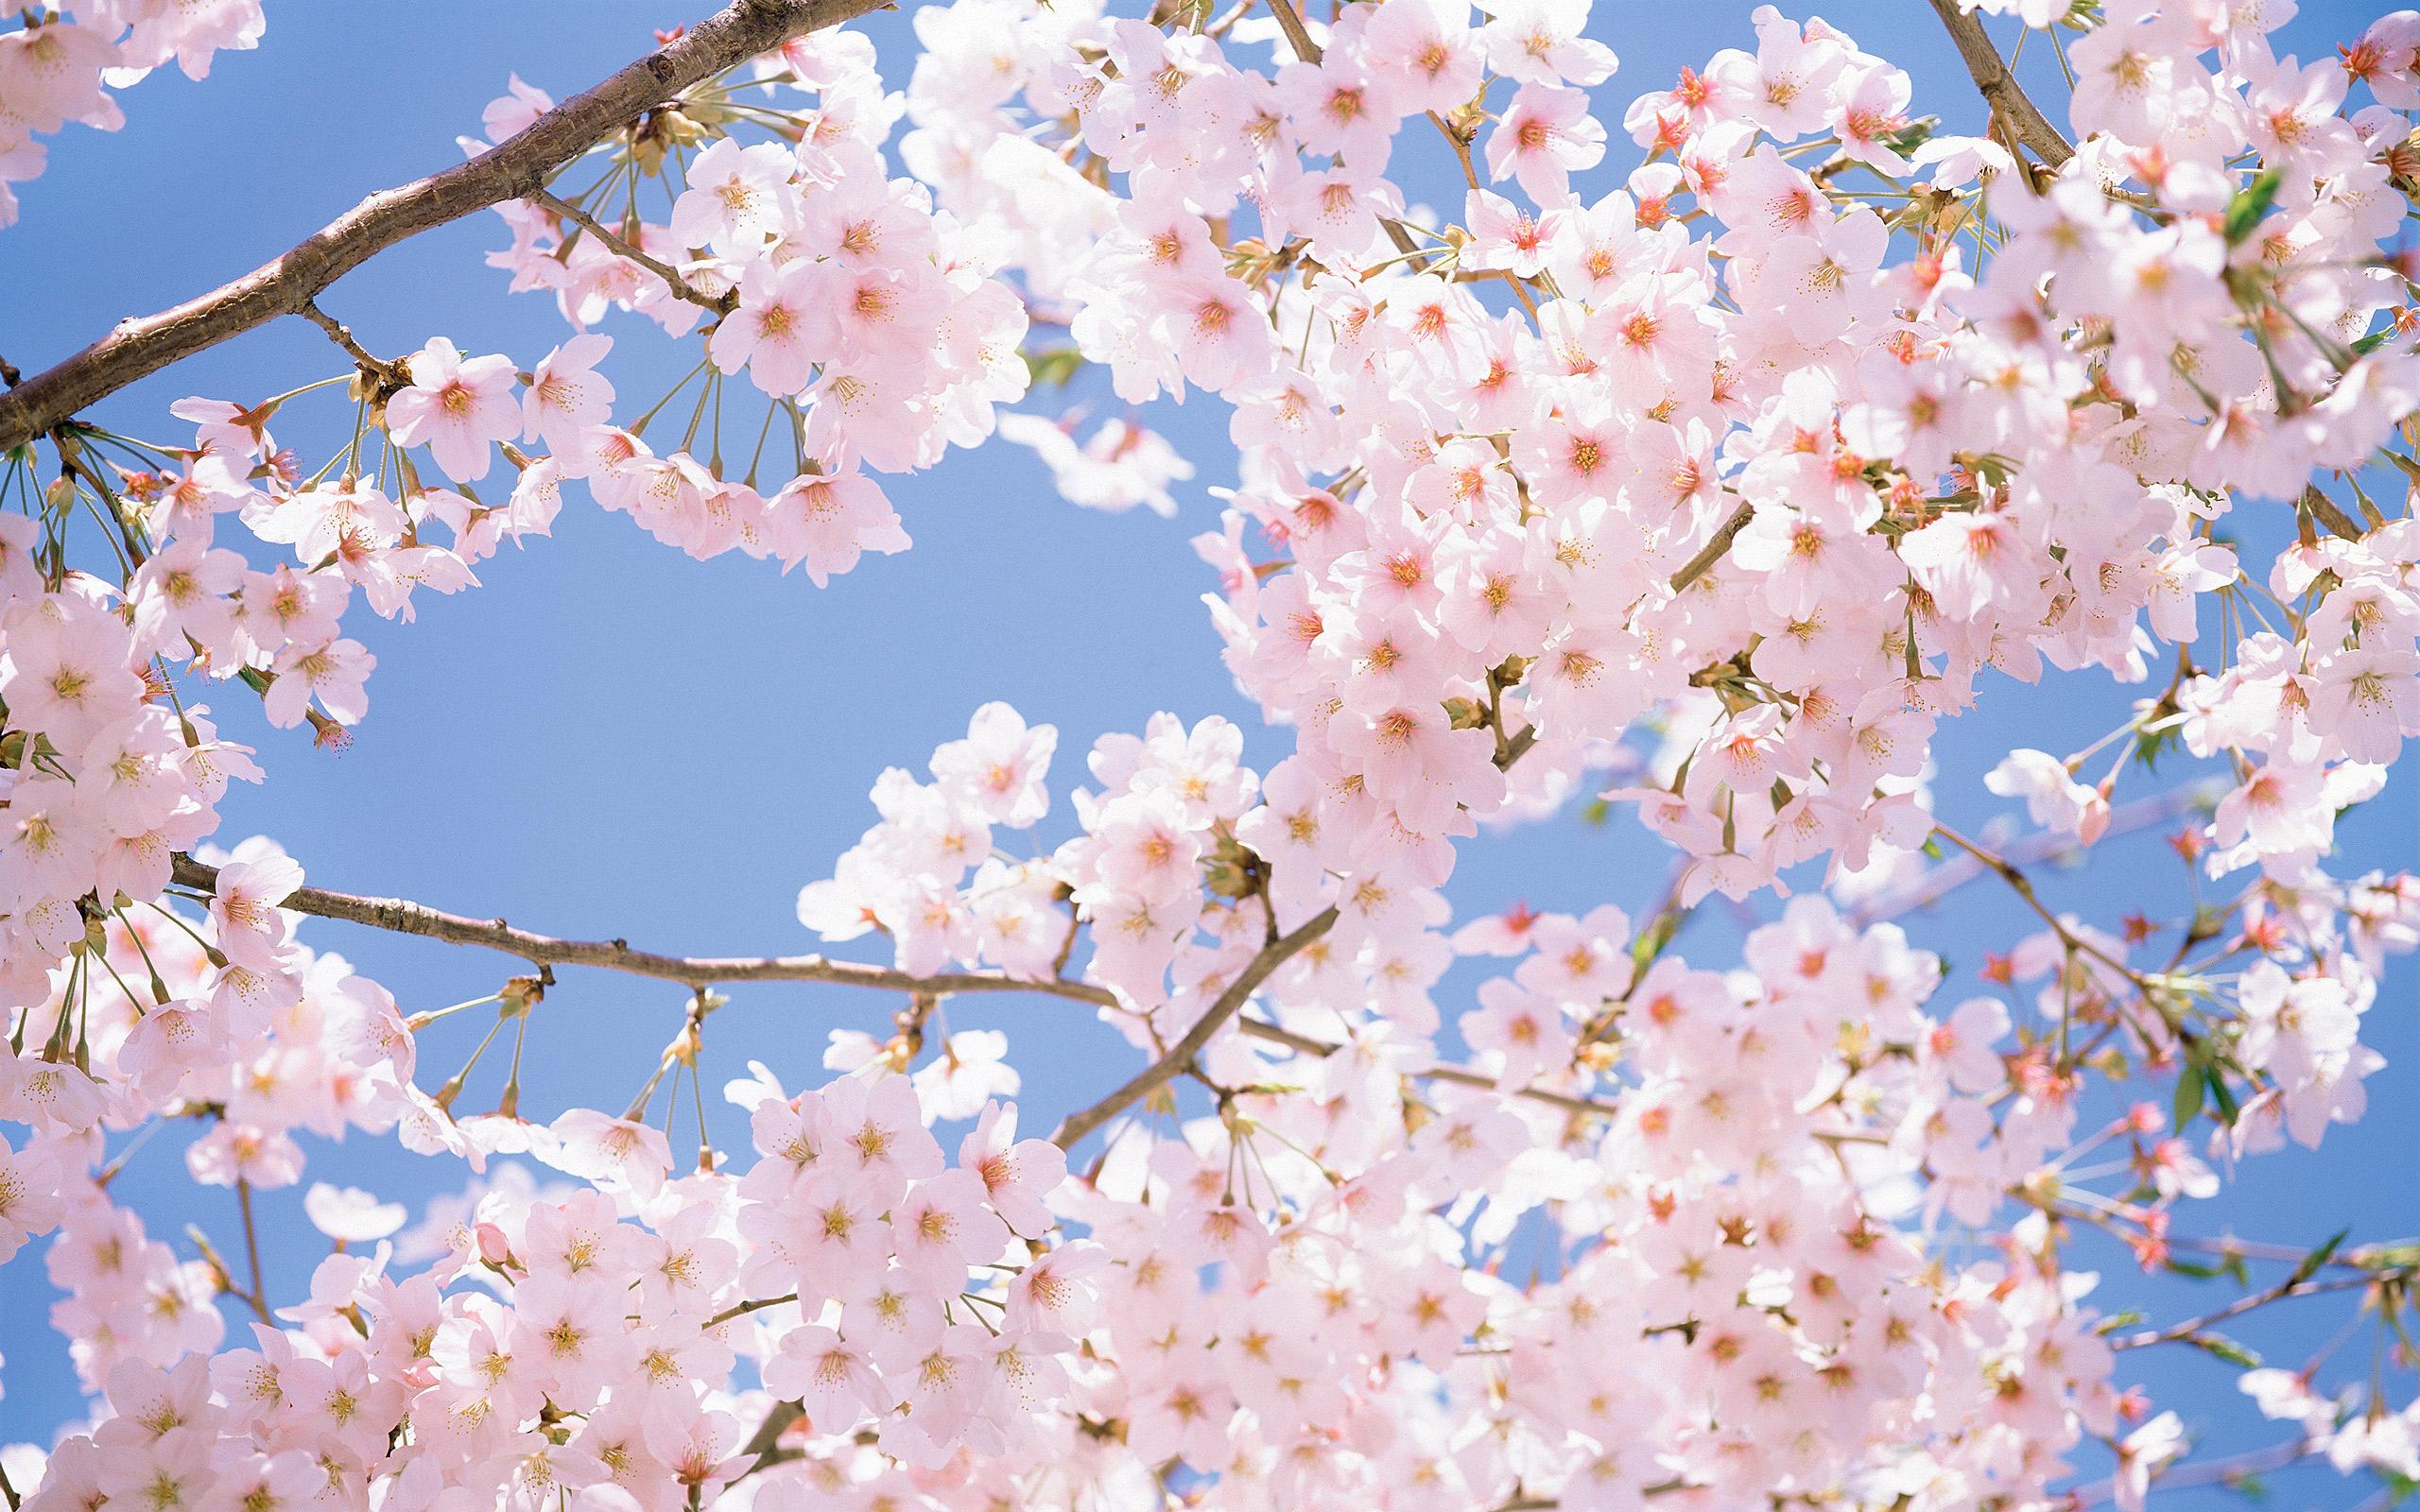 Bài hát về mùa hoa anh đào Nhật Bản